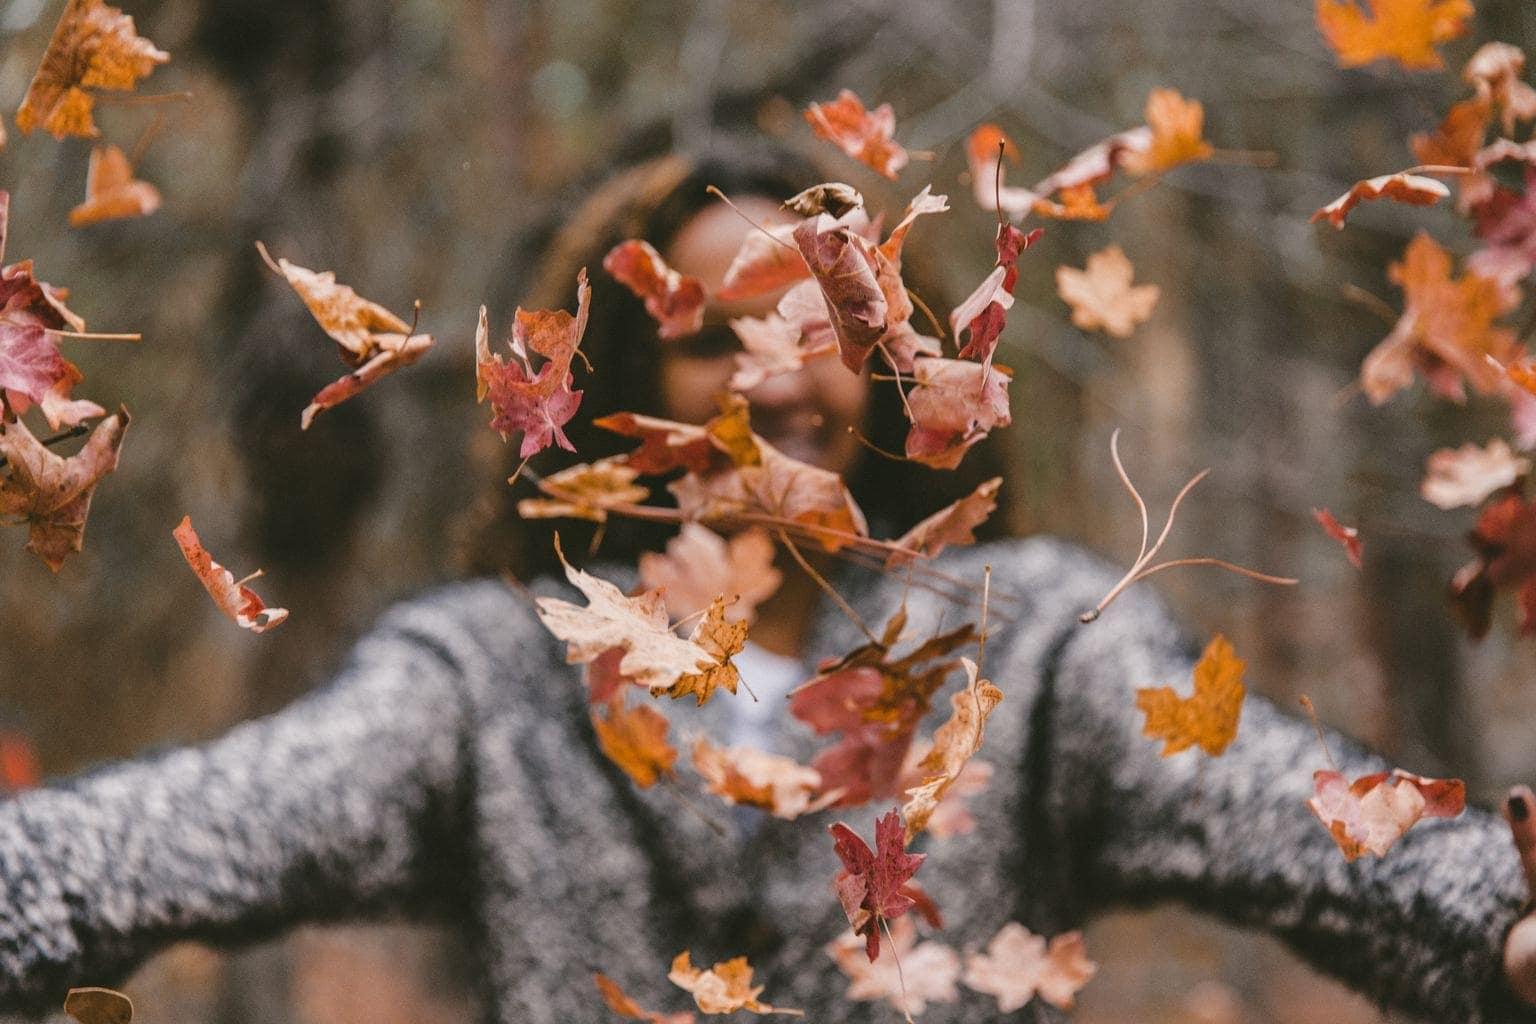 fotografía de una chica jugando con hojas